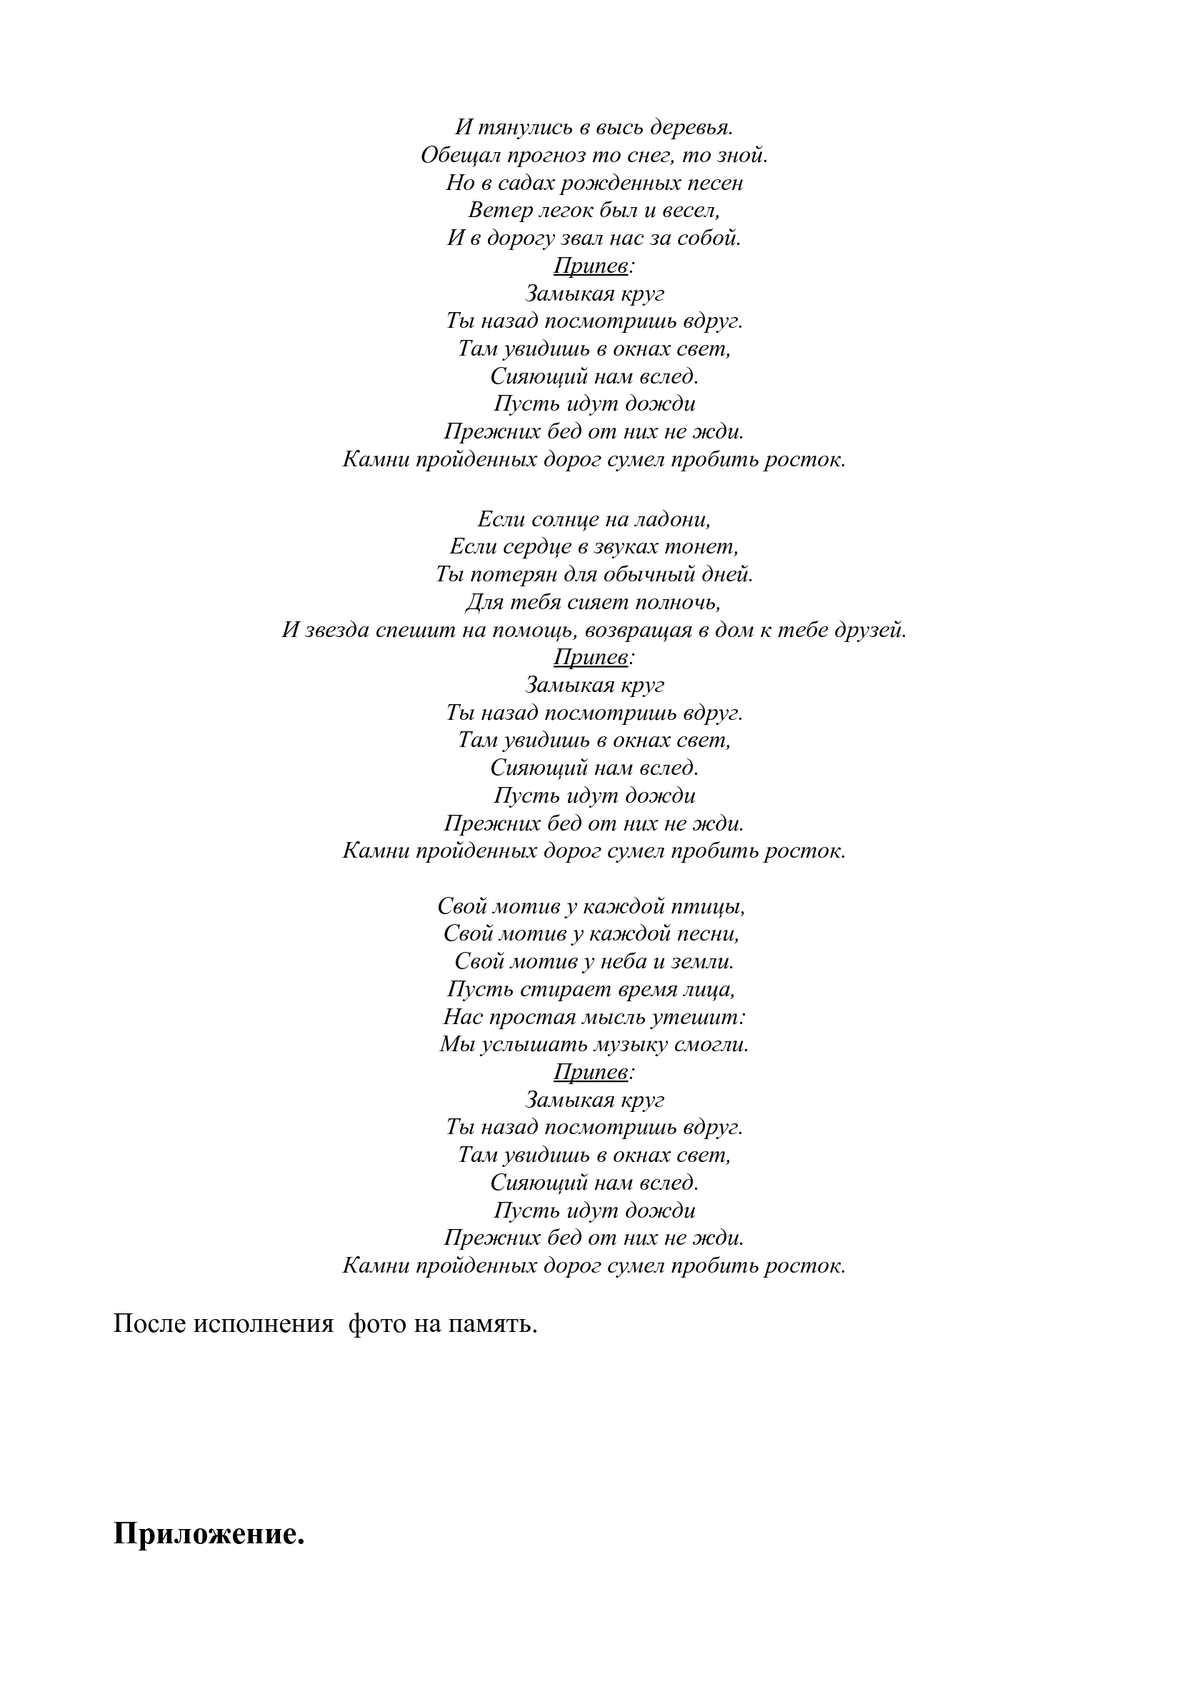 Текст песни голое дерево